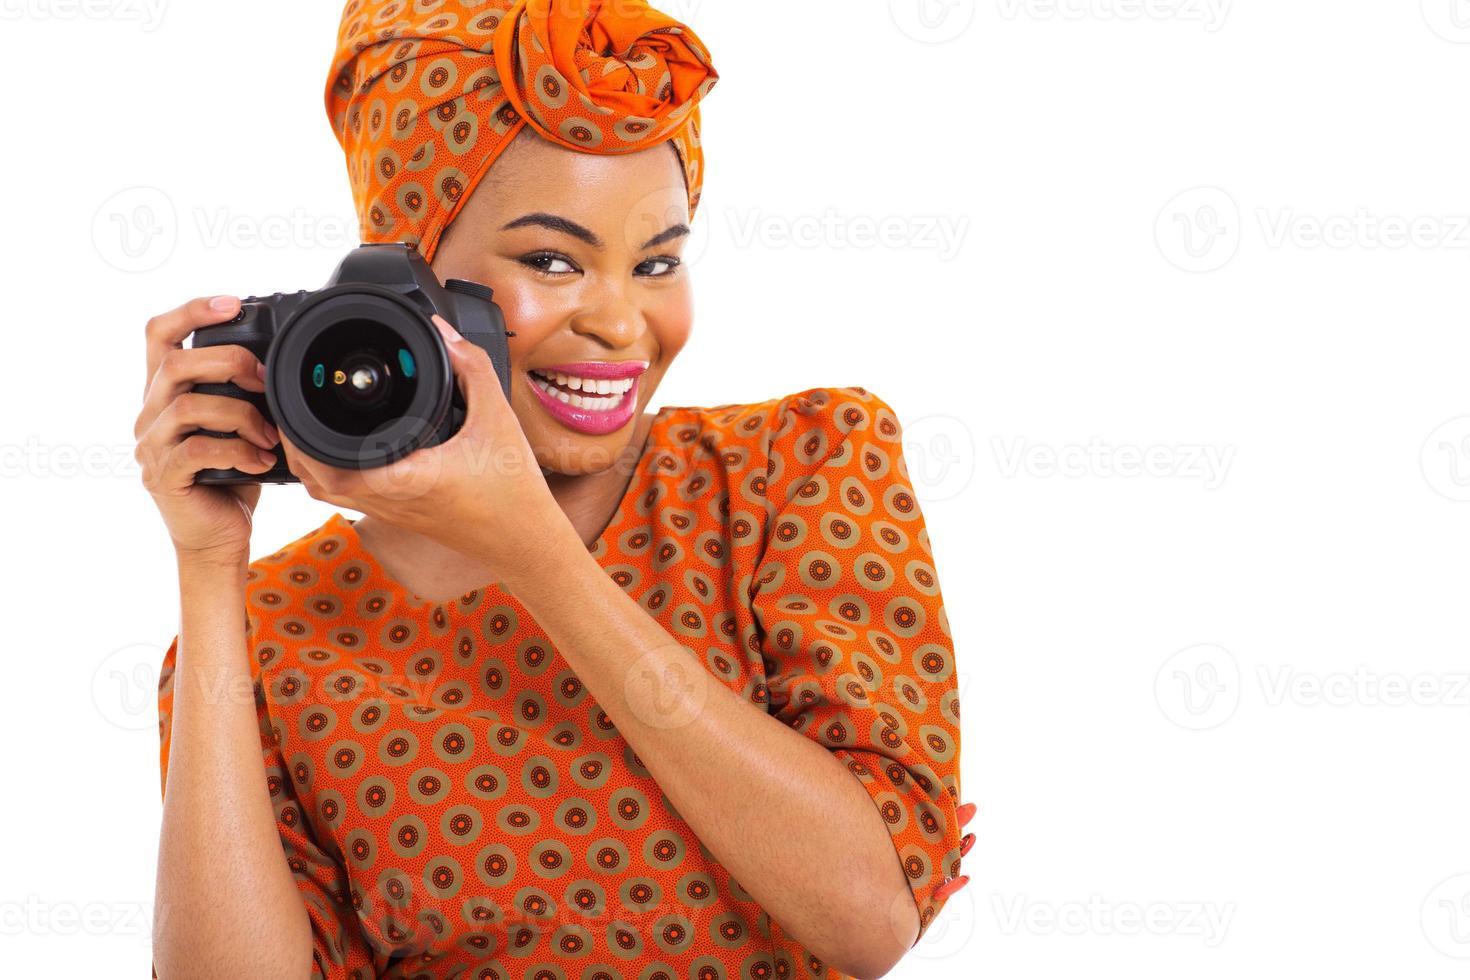 niña africana sosteniendo una cámara digital foto